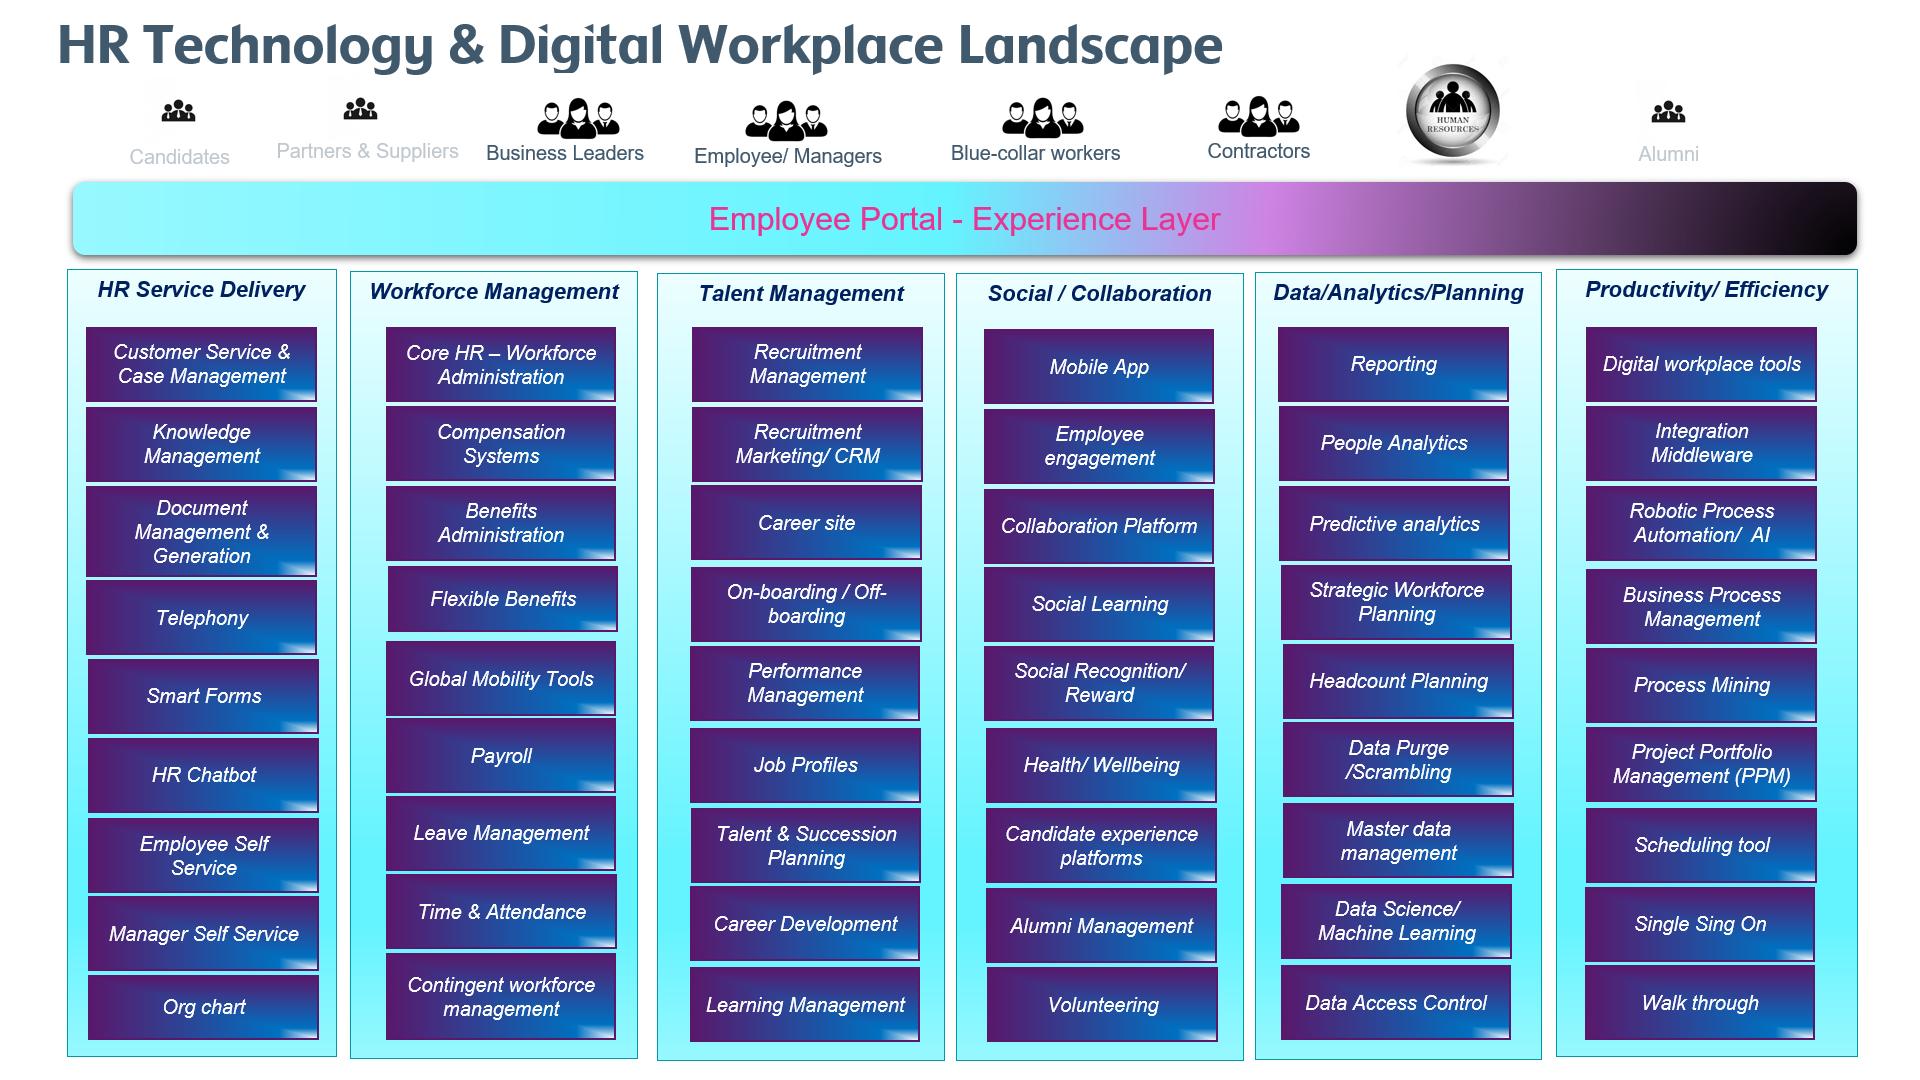 HR Technology Ecosystem, HR Technology Landscape